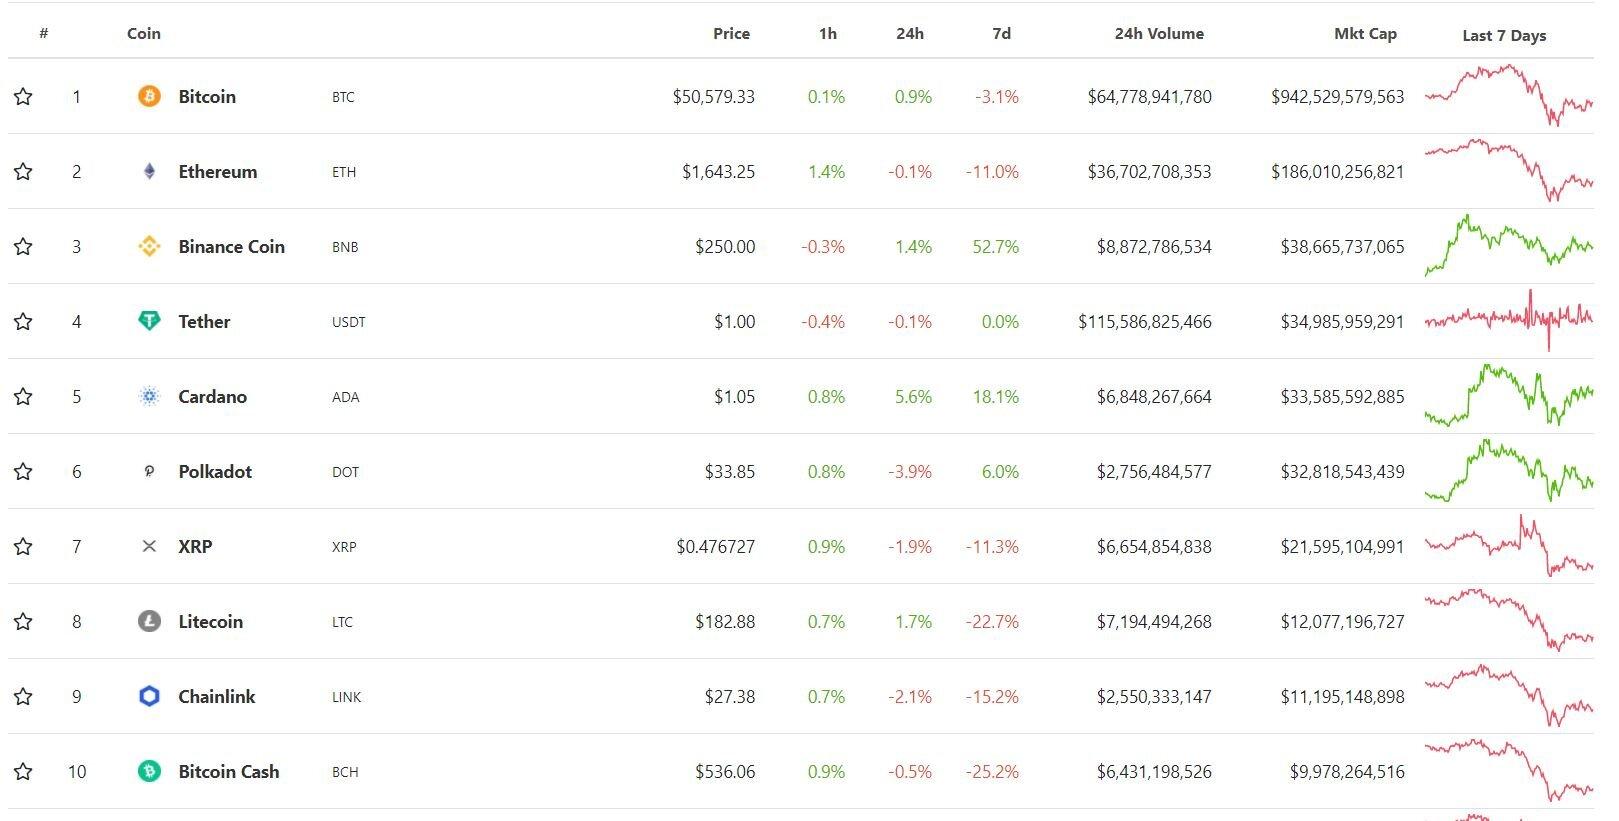 Инвесторы ждут продолжения роста bitcoin после реализованной коррекции